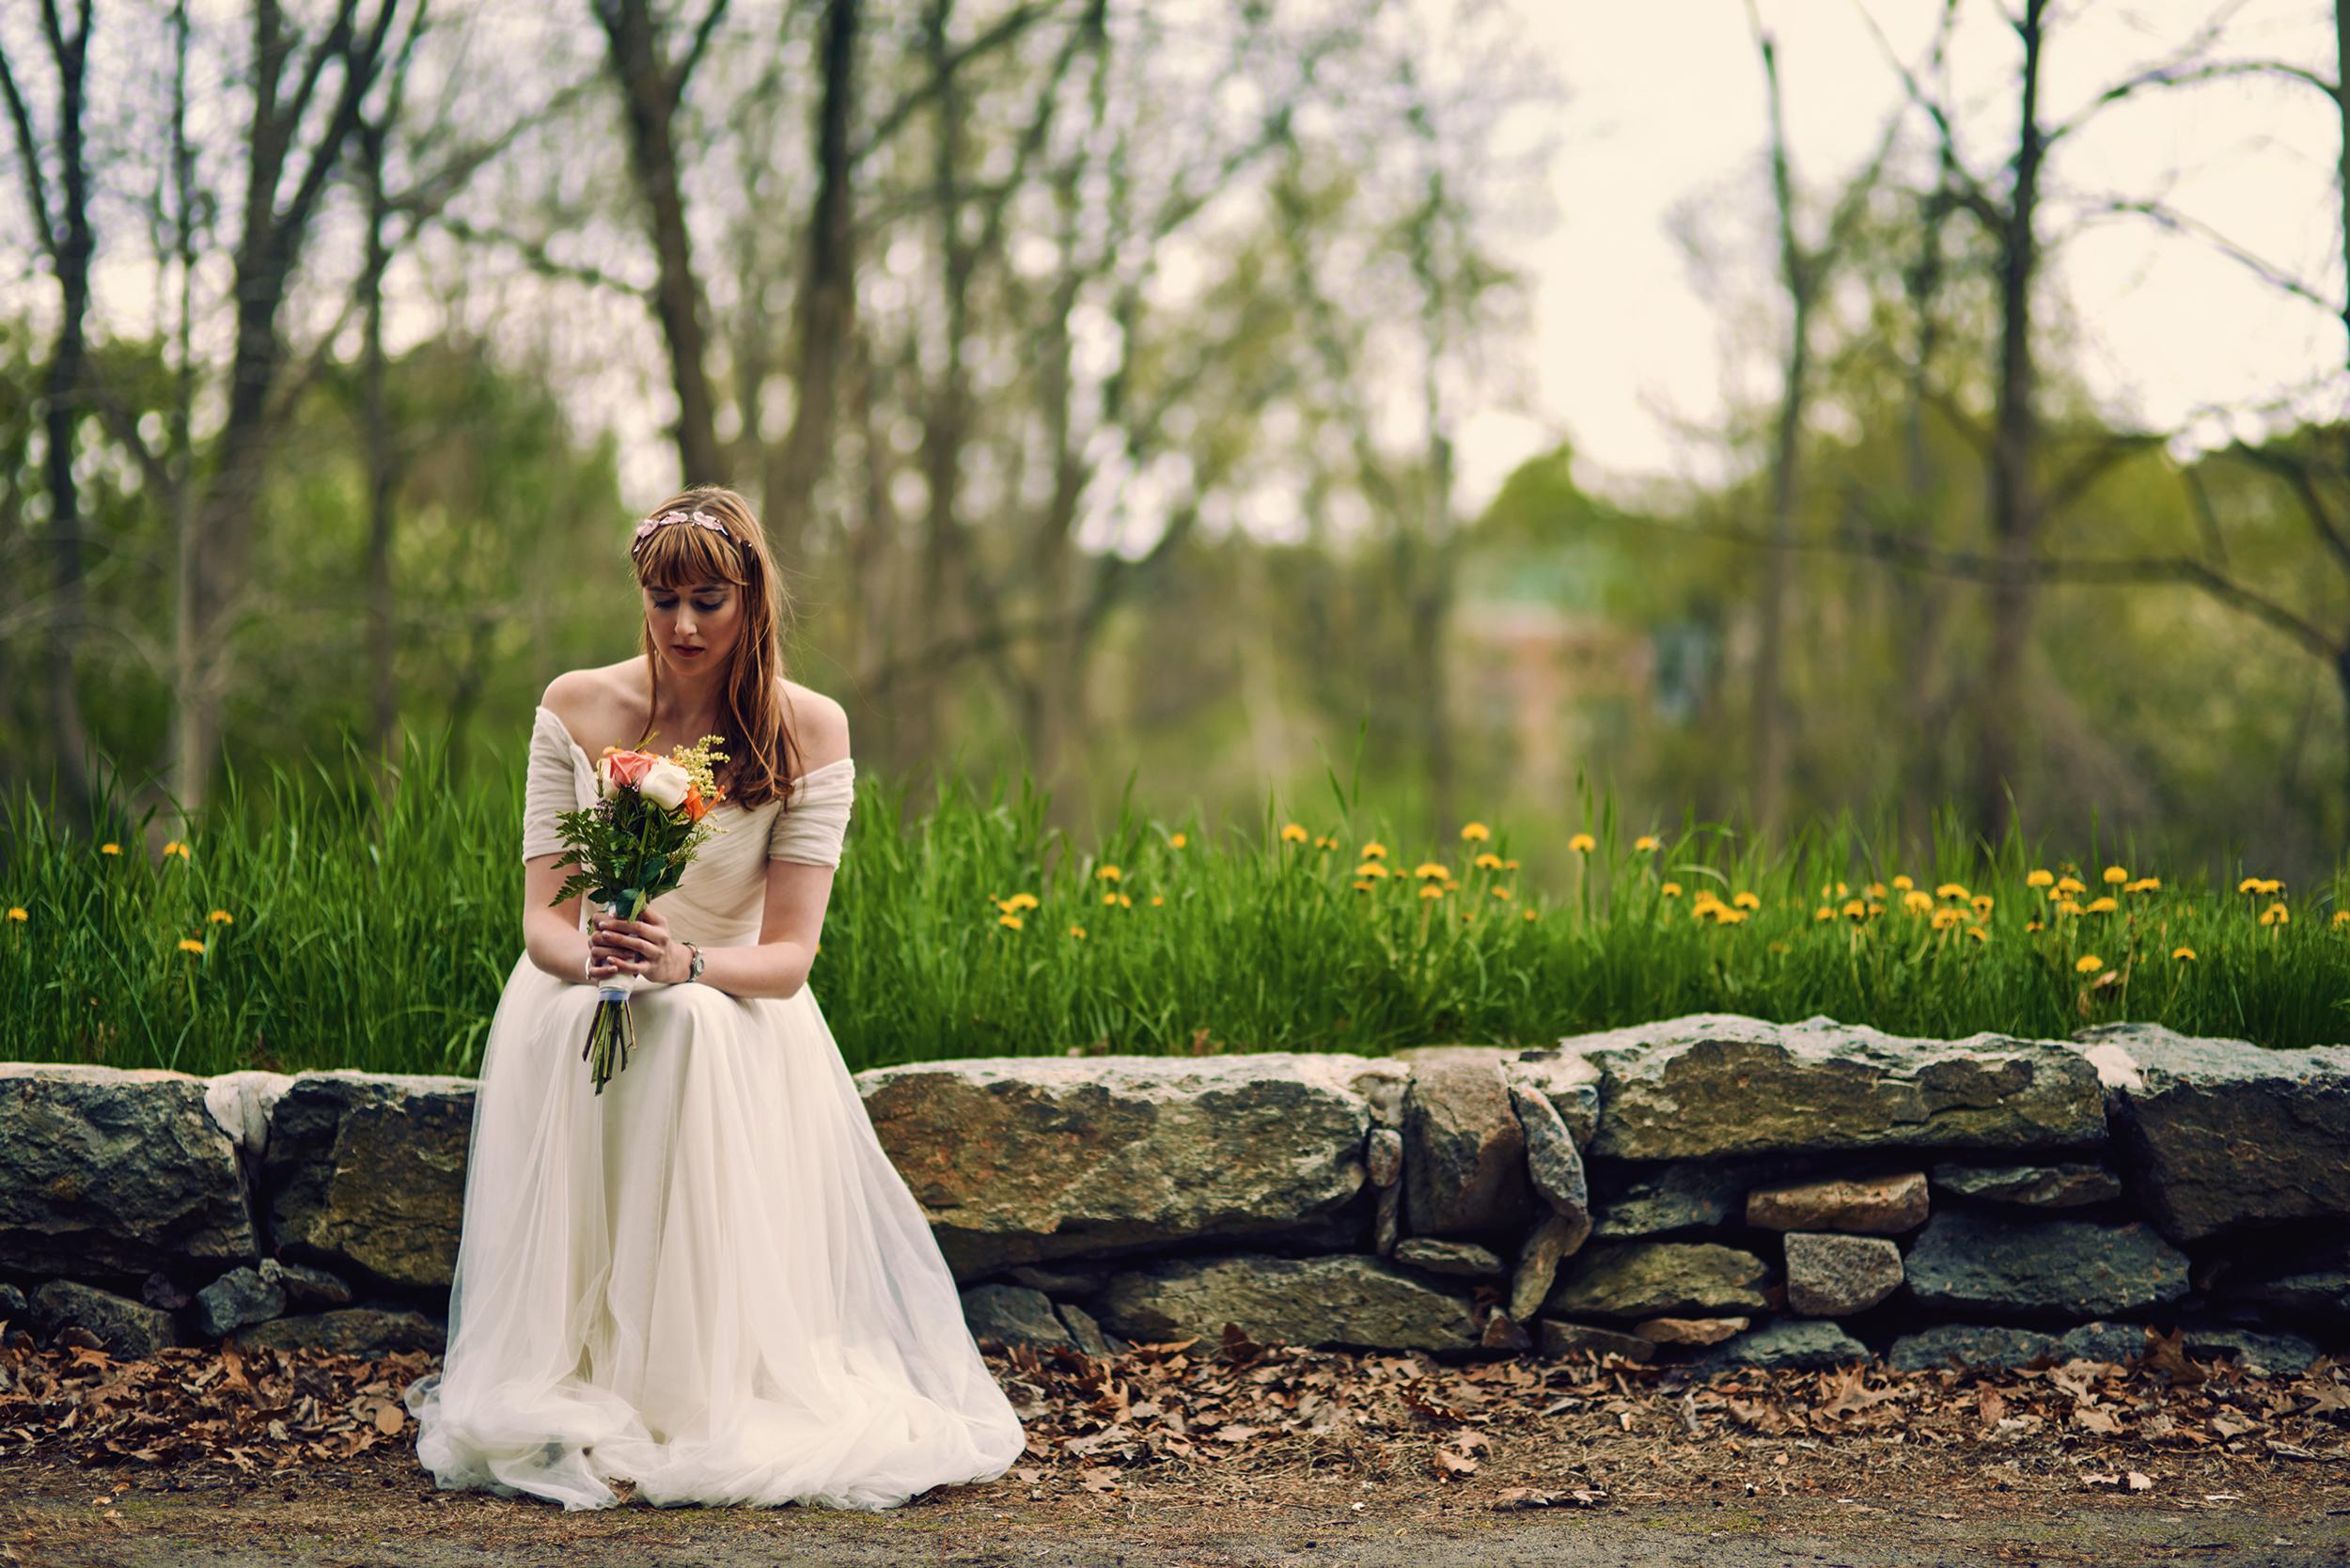 bride-on-stone-wall-in-garden.jpg